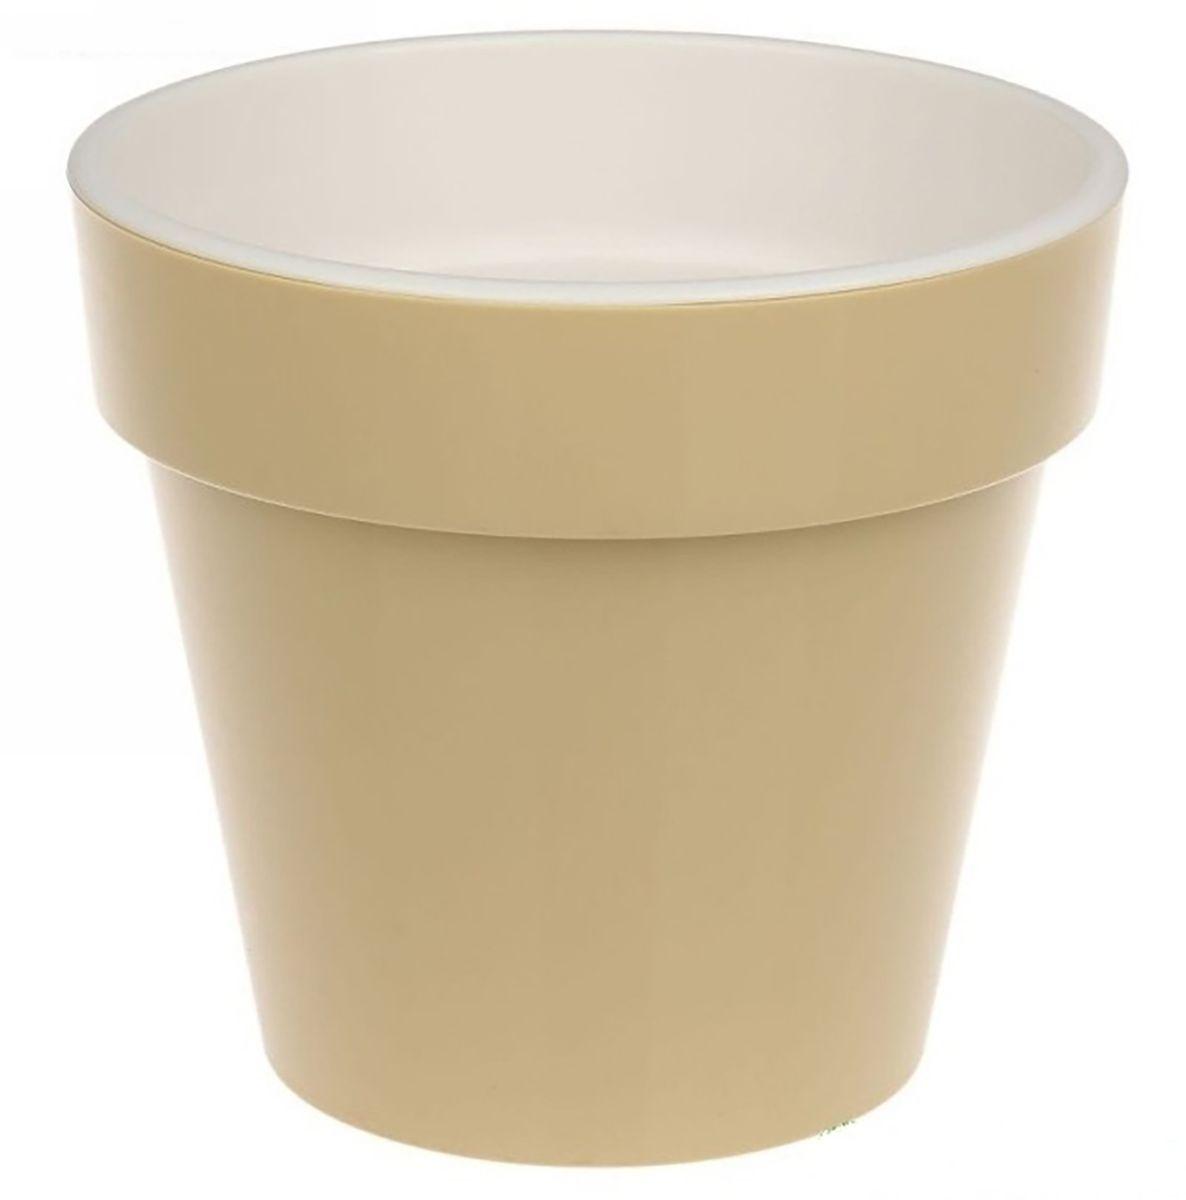 Кашпо JetPlast Порто, со вставкой, цвет: кремовый, 3,5 л4612754052738Кашпо Порто классической формы с внутренней вставкой-горшком. Дренажная вставка позволяет легко поливать растения без использования дополнительного поддона. Вместительный объем кашпо позволяет высаживать самые разнообразные растения, а съемная вставка избавит вас от грязи и подчеркнет красоту цветка. Оно изготовлено из прочного полипропилена (пластика). Такое кашпо порадует вас функциональностью, а благодаря лаконичному дизайну впишется в любой интерьер помещения. Объем кашпо: 3,5 л.